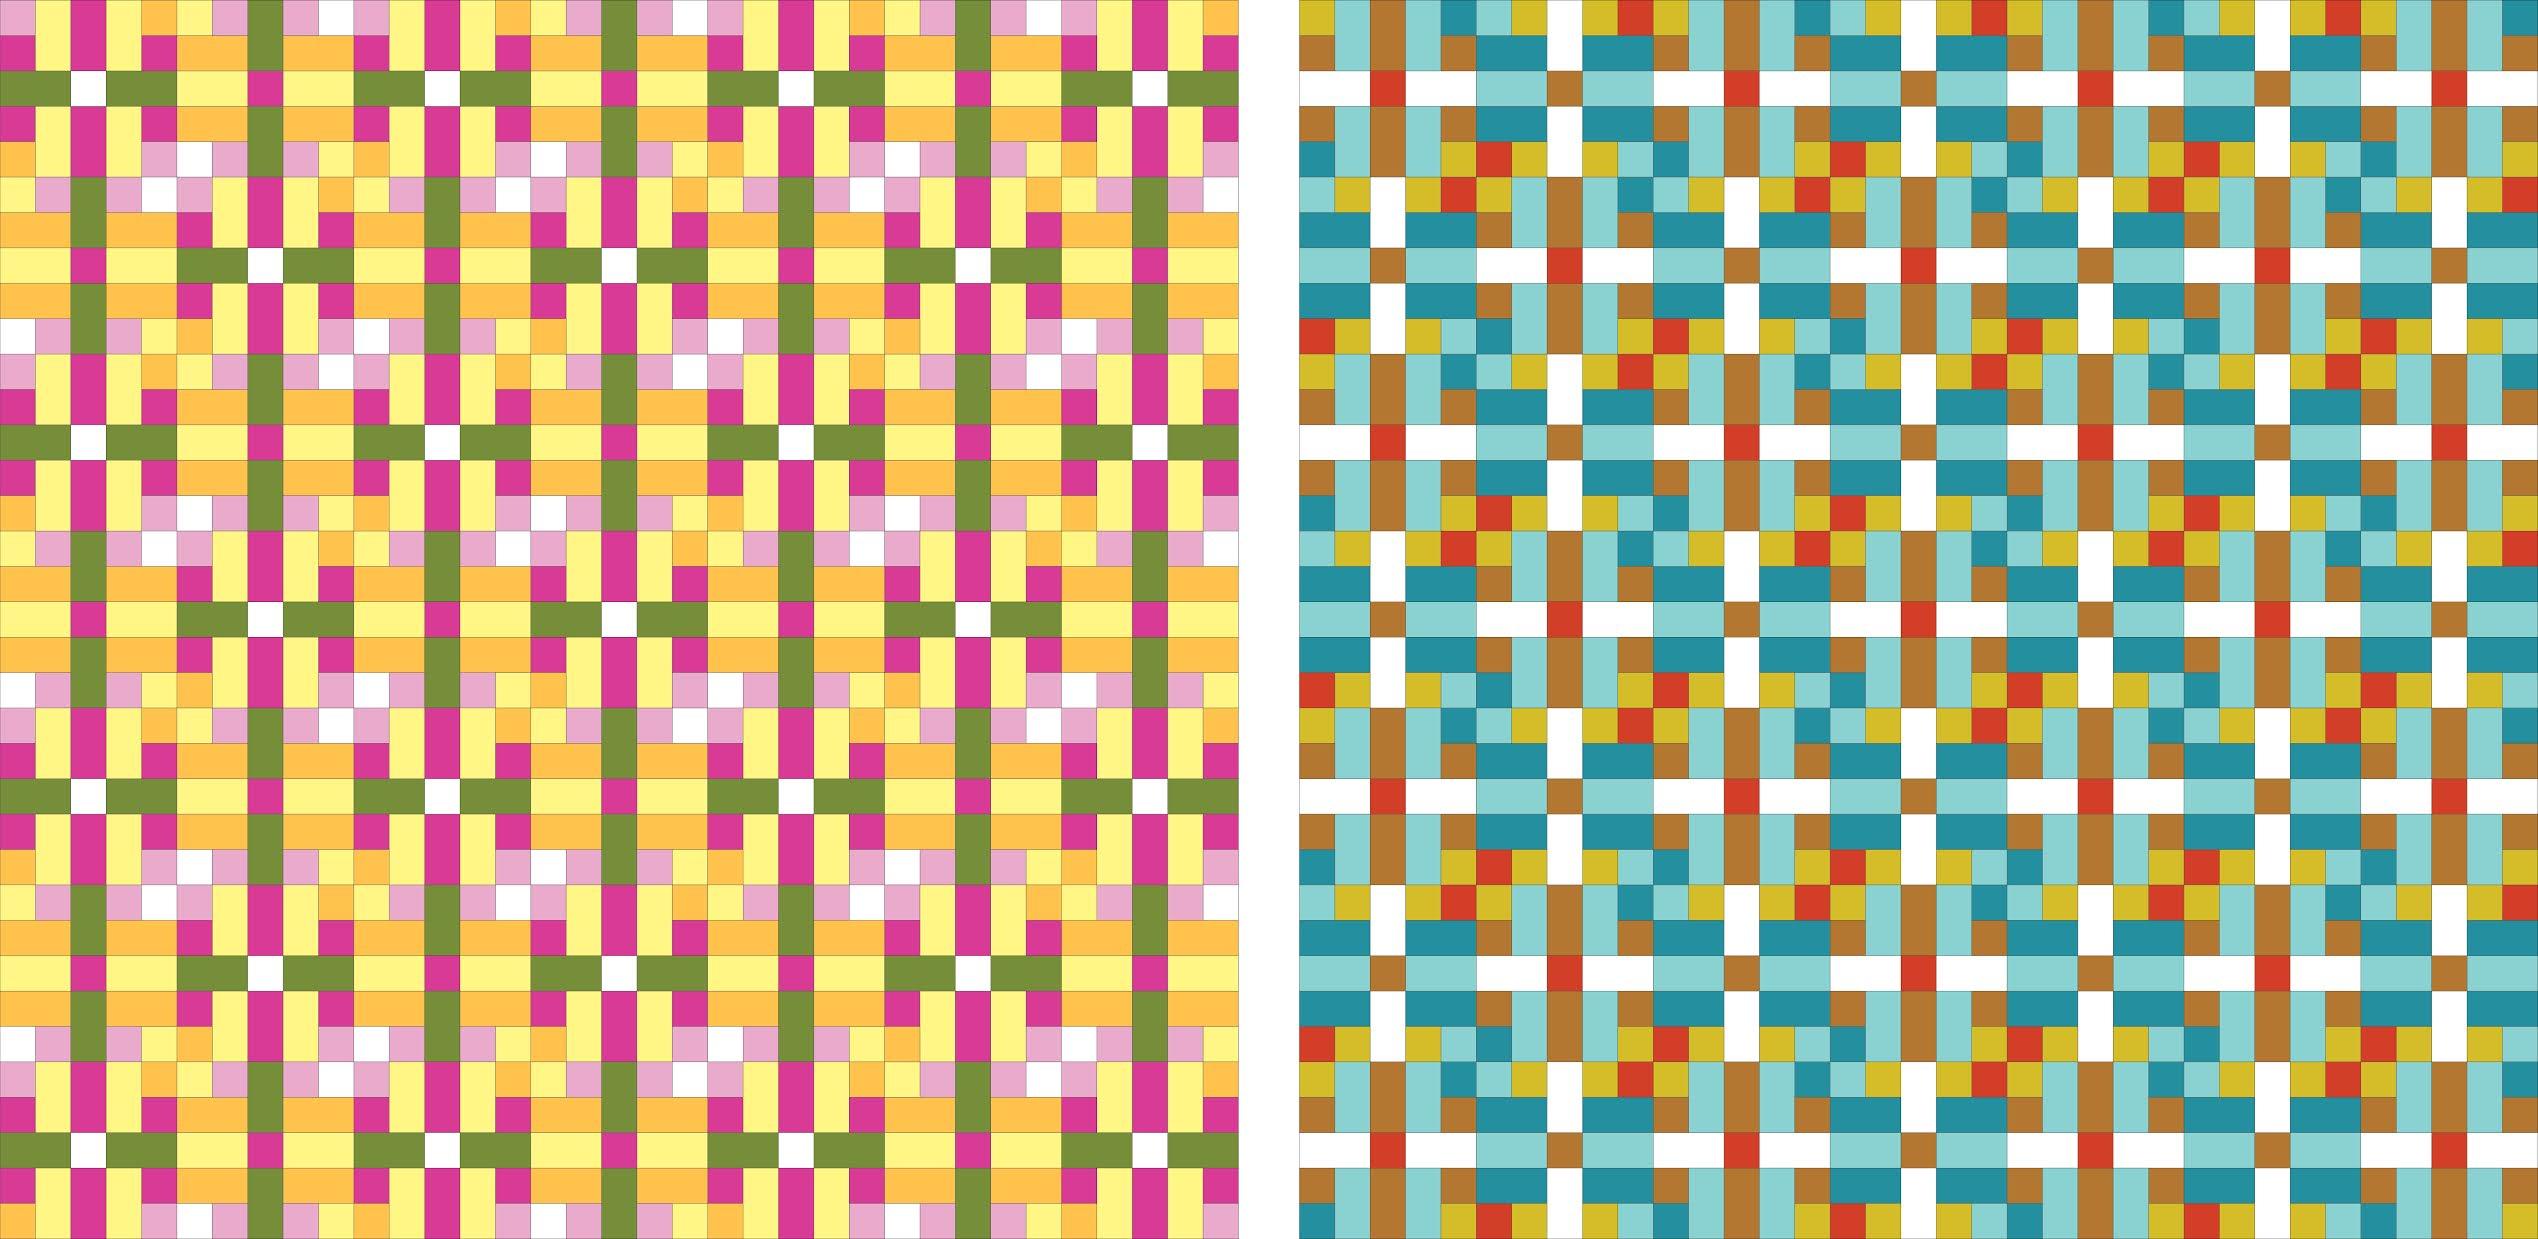 colourways for Lockstep quilt